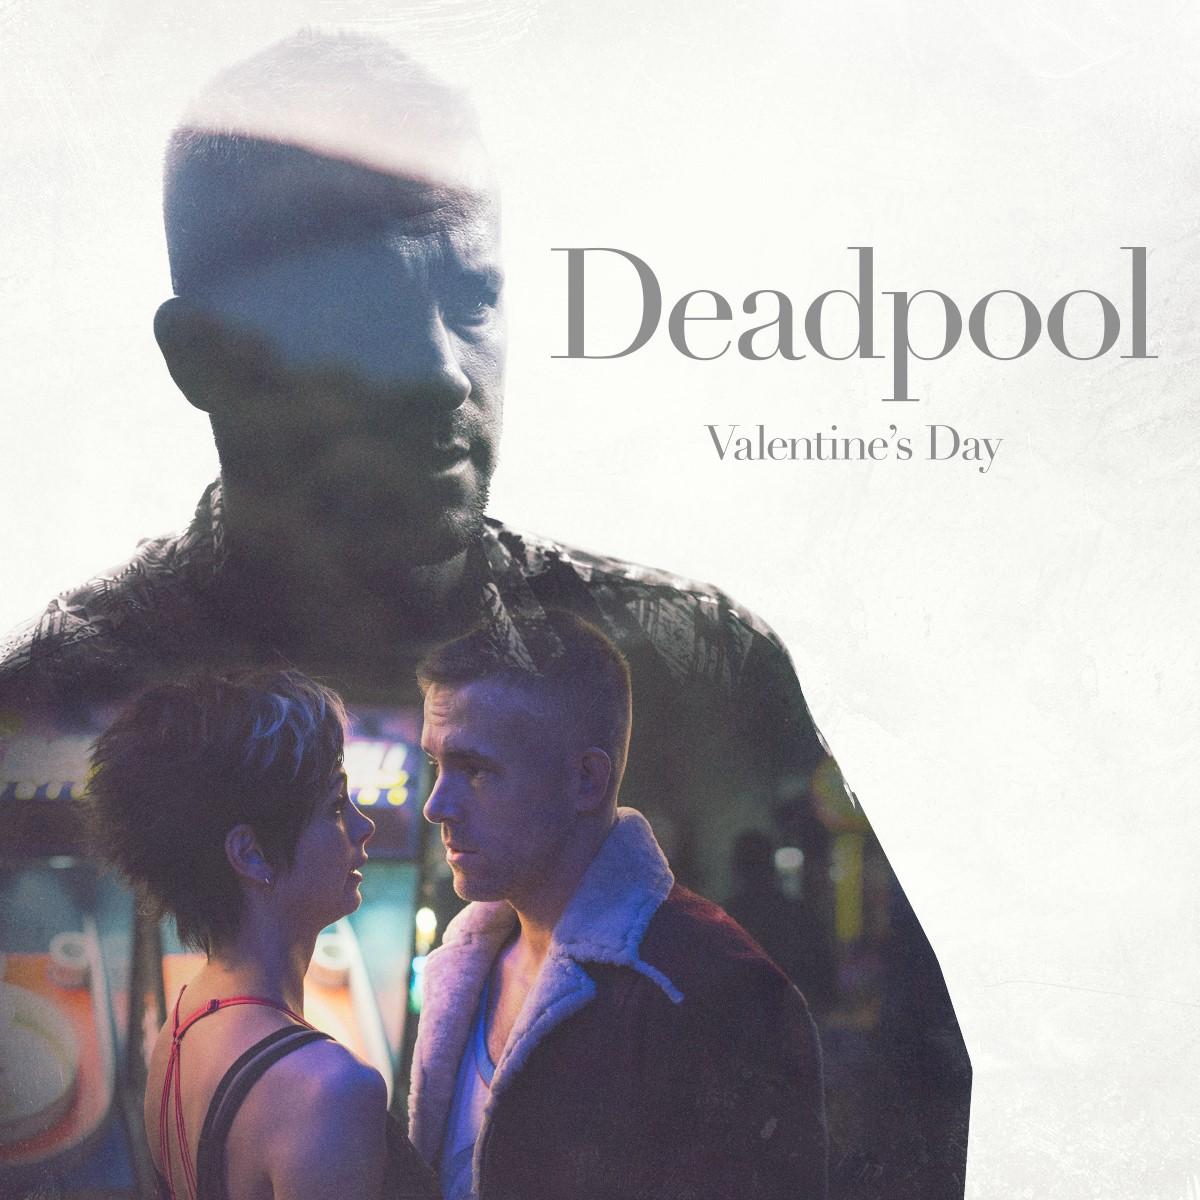 Deadpool - Valentine's giorno Promo Still